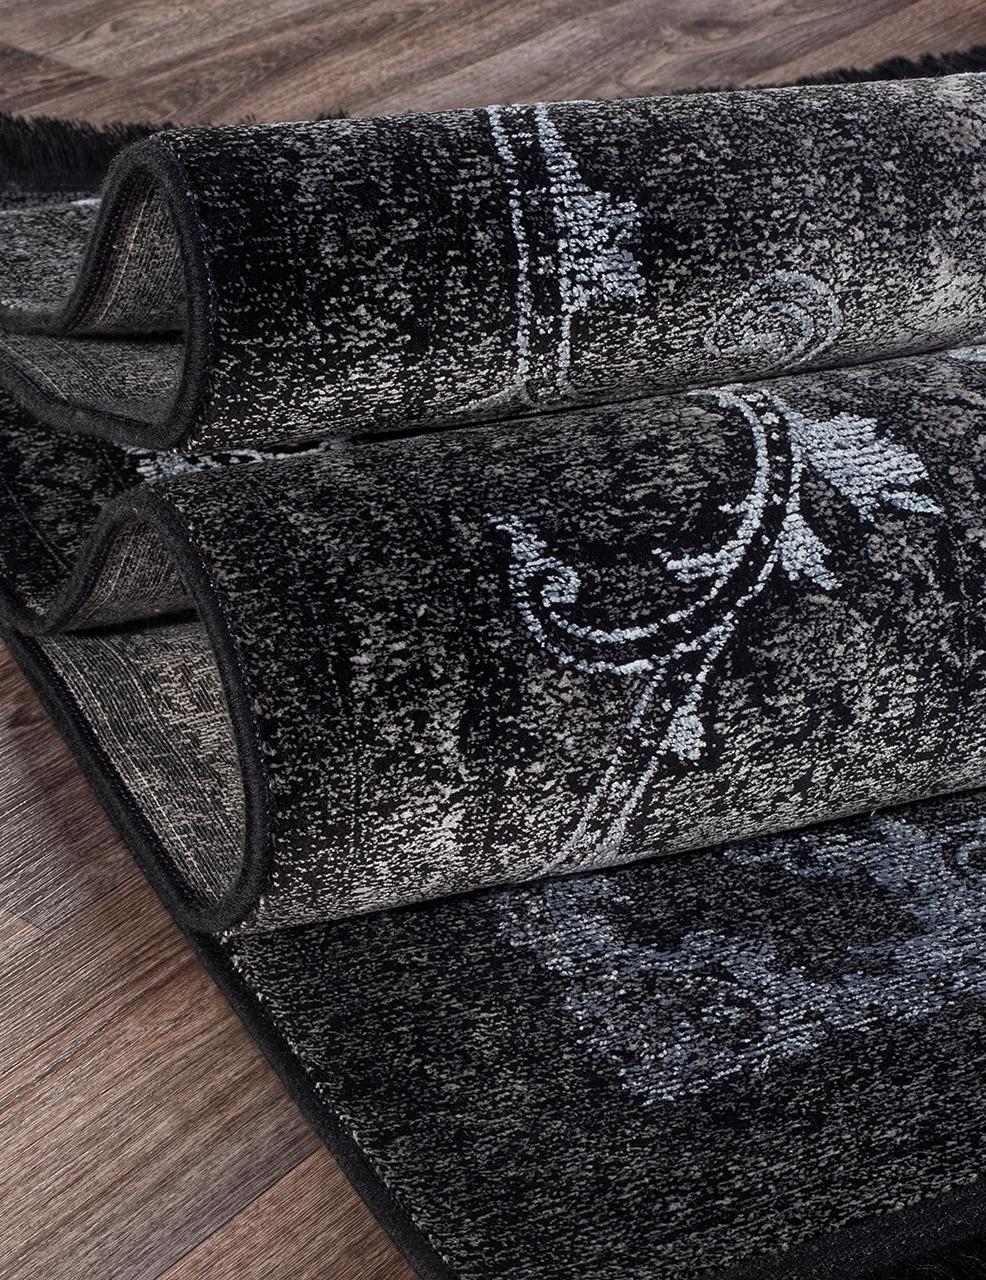 Ковер 9062 - 000 - Прямоугольник - коллекция MUSKAT 1200 - фото 4